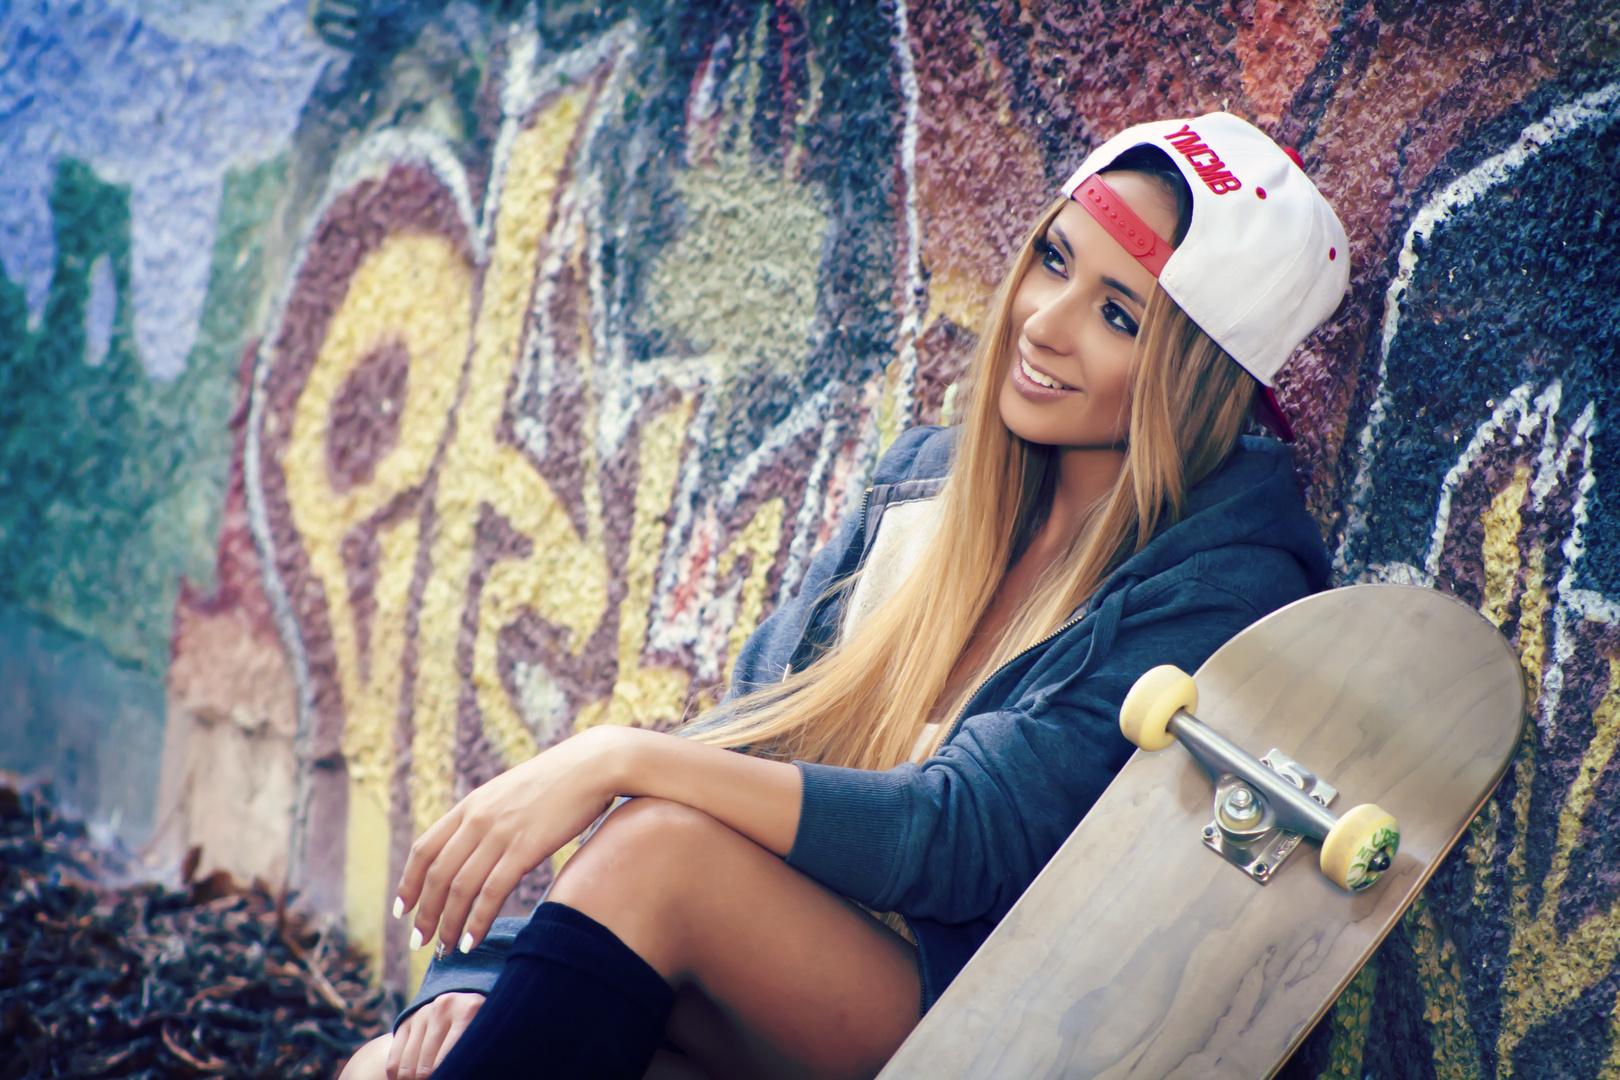 Jenny***